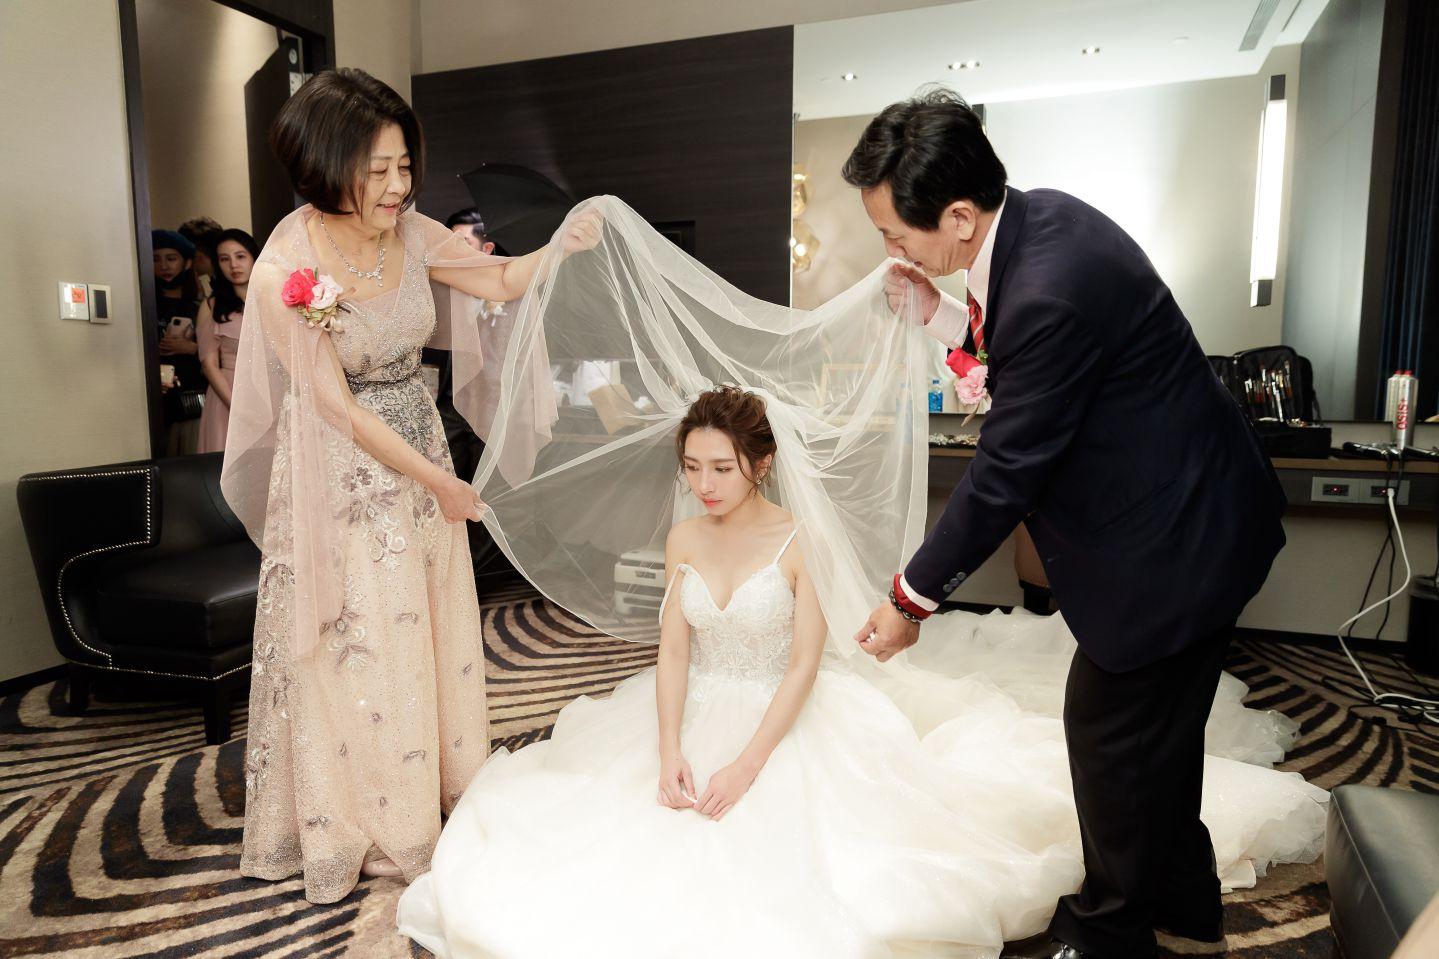 晶綺盛宴黃金廳婚攝,黃金廳結婚迎娶儀式,高雄婚攝推薦